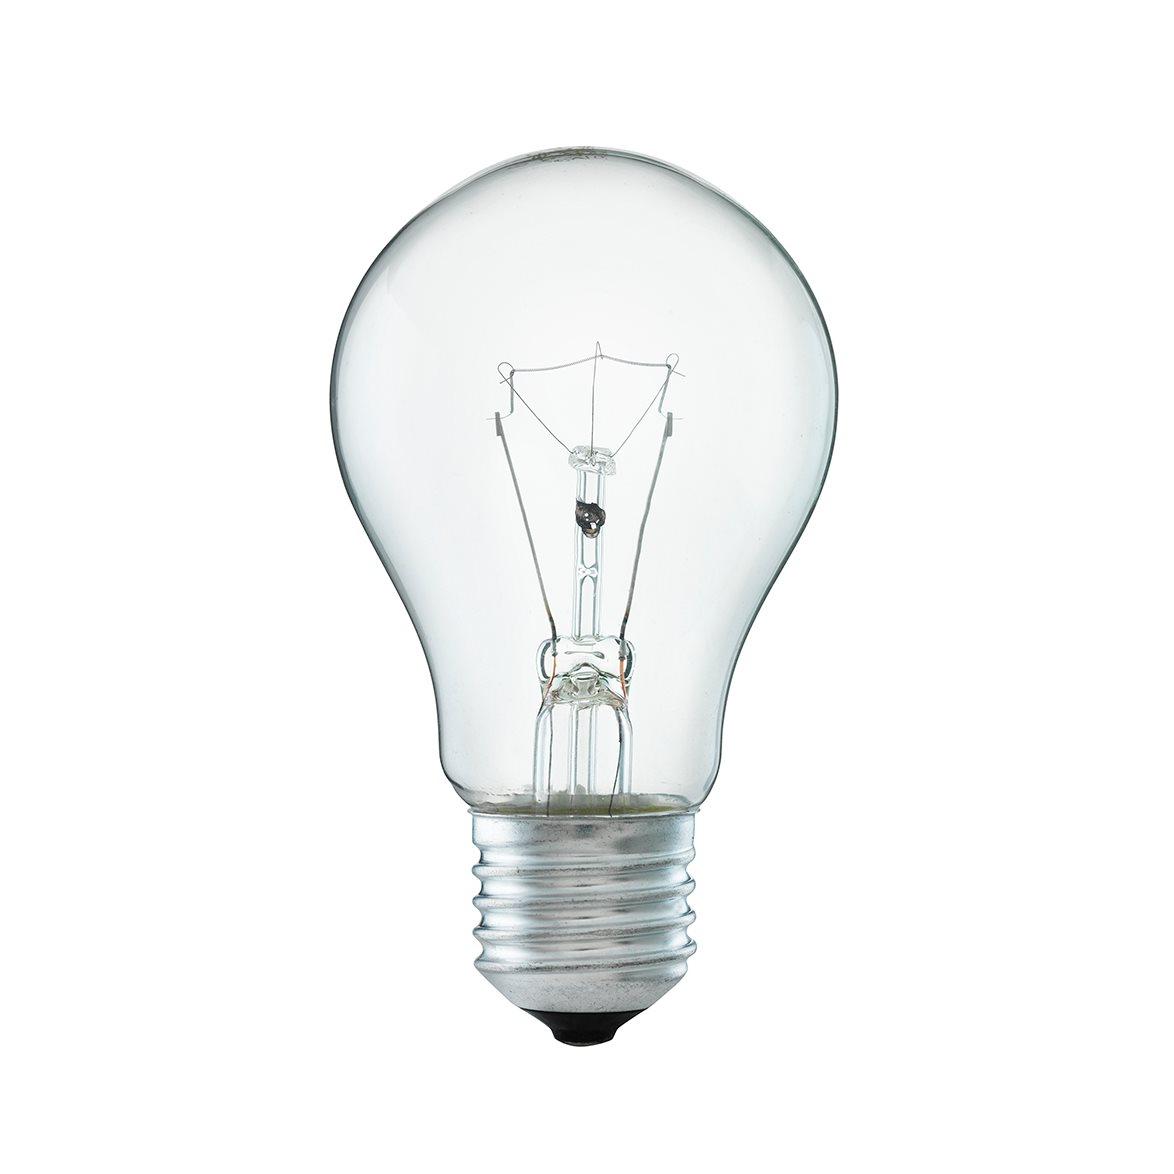 Glödlampa 40W normal E27, klar